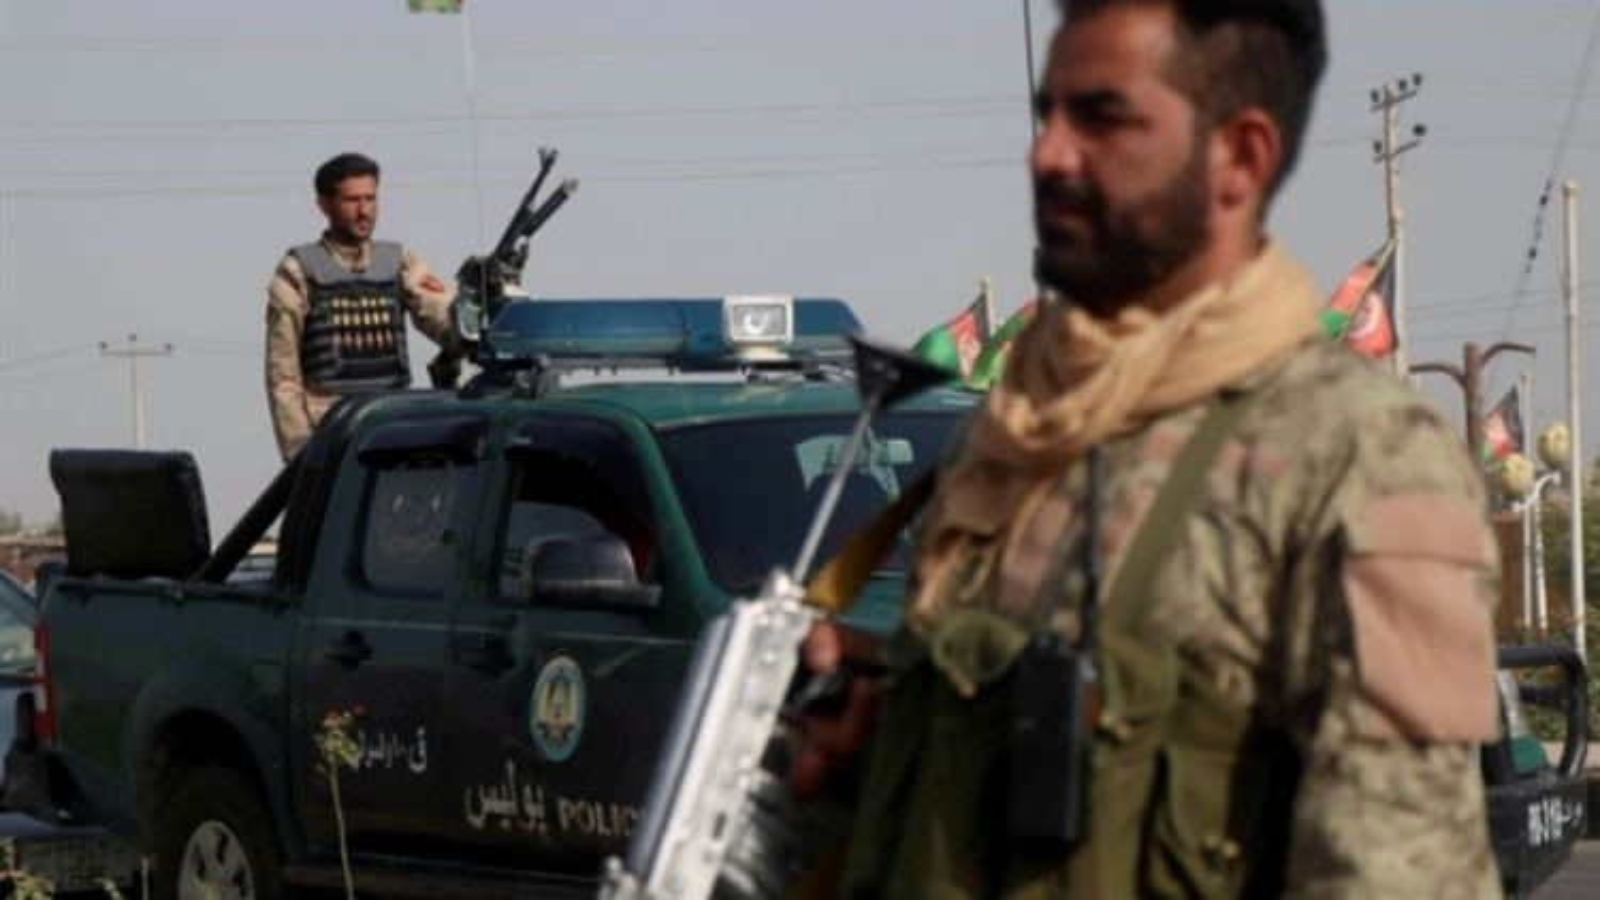 Choáng váng vì Afghanistan sụp đổ nhanh chóng, chính quyền Biden thừa nhận sai lầm